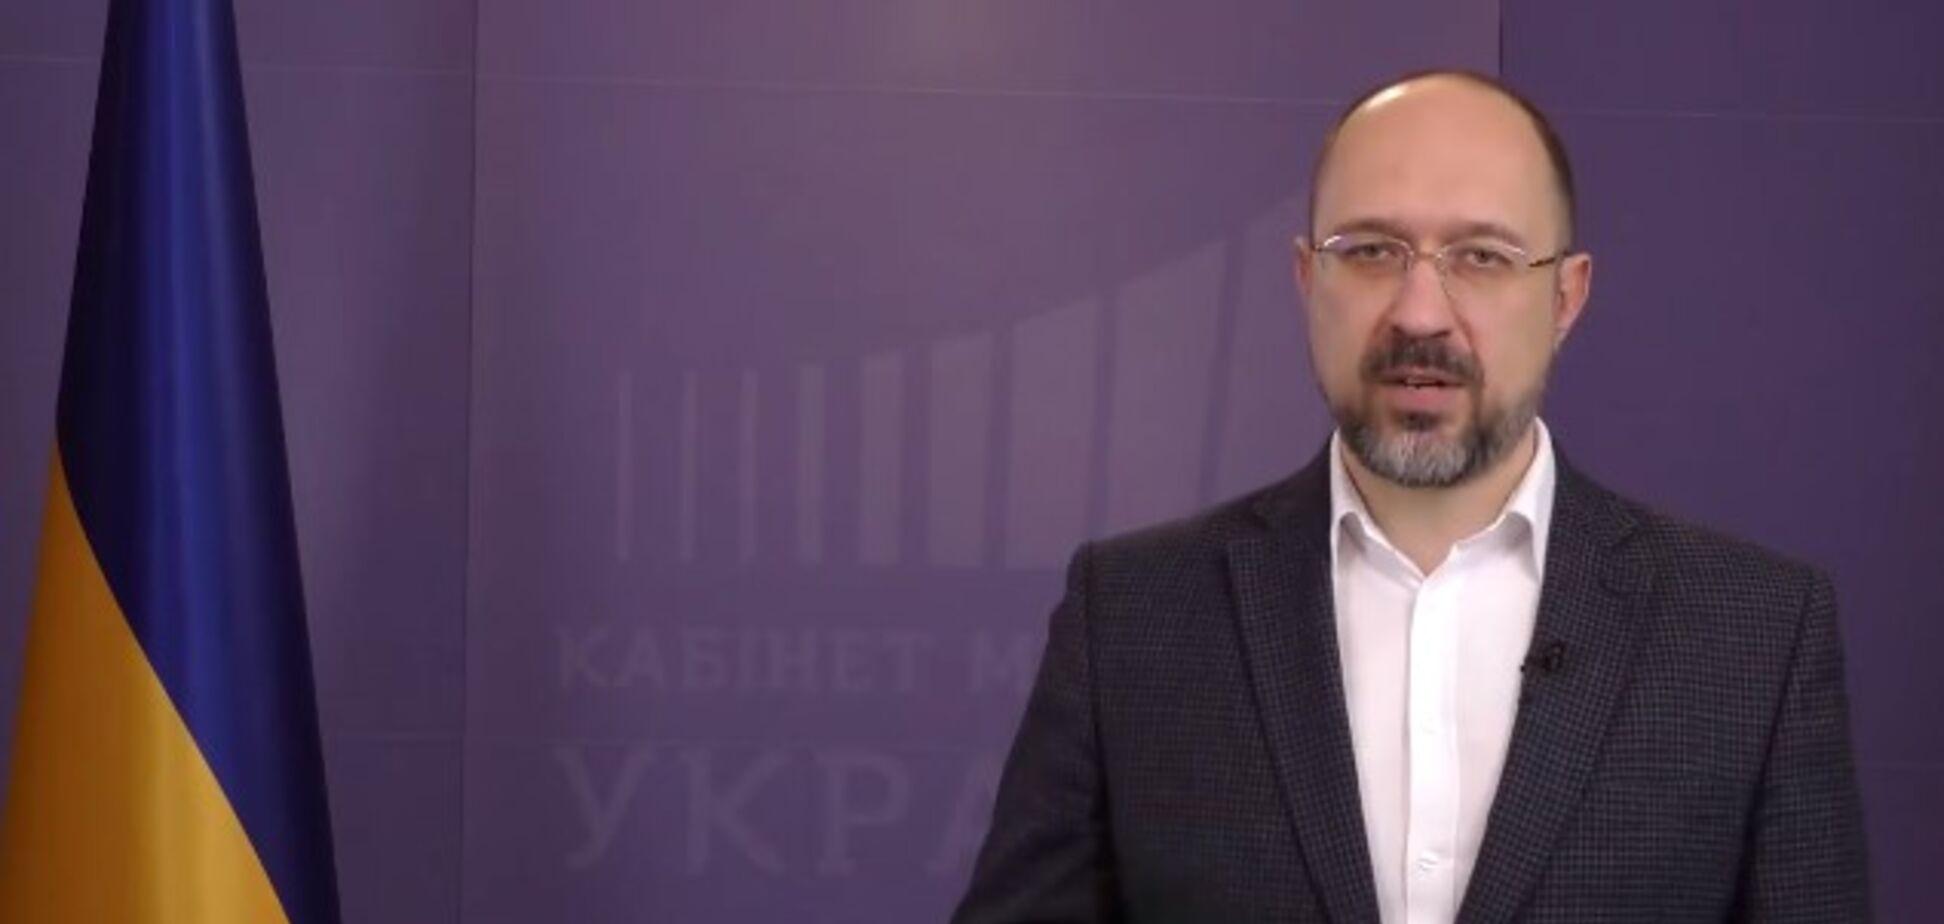 Коронавирус набирает темп: Шмыгаль озвучил план спасения экономики Украины